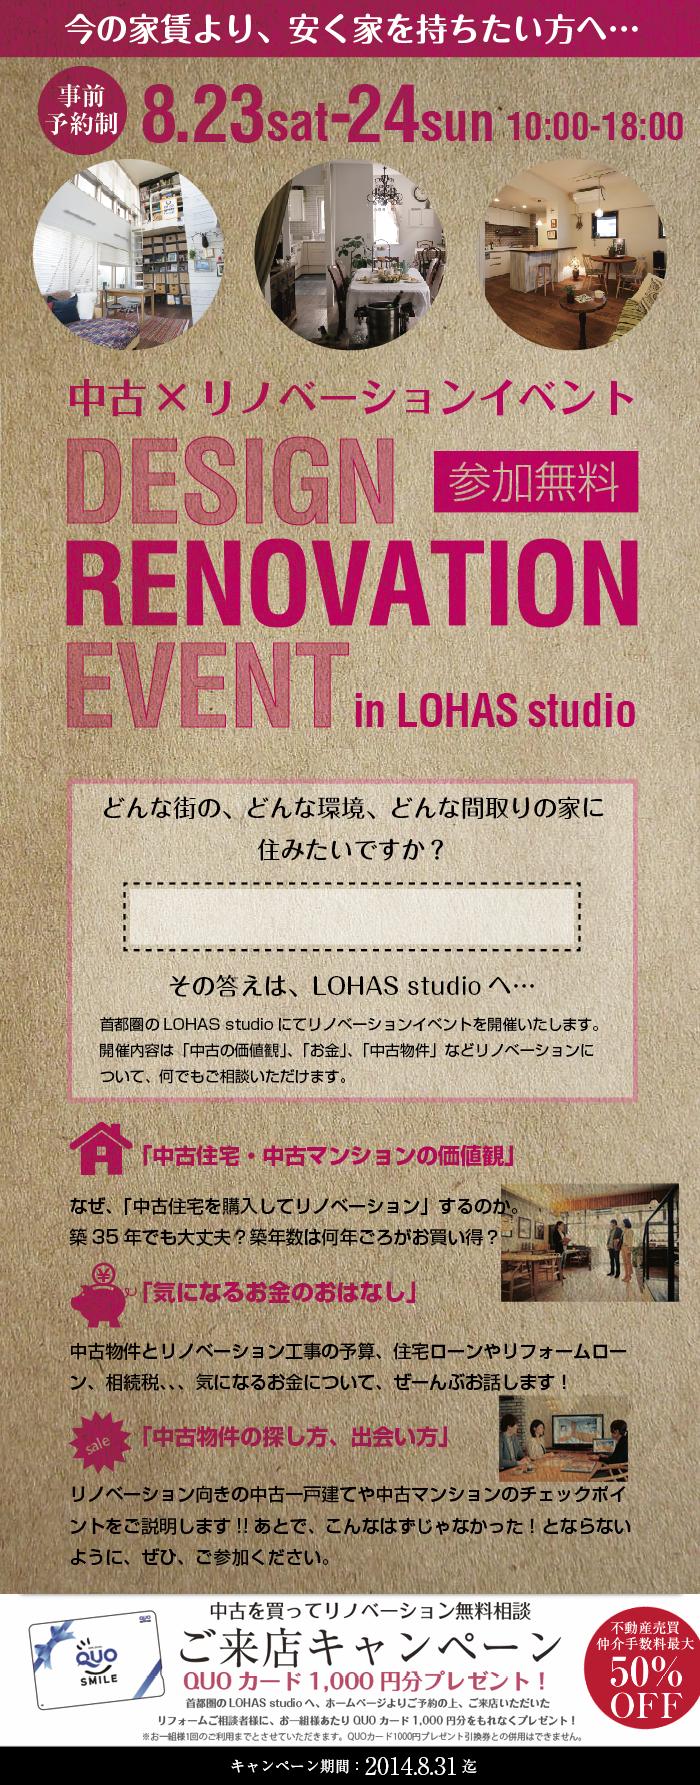 201408yoyaku_event23-24.png